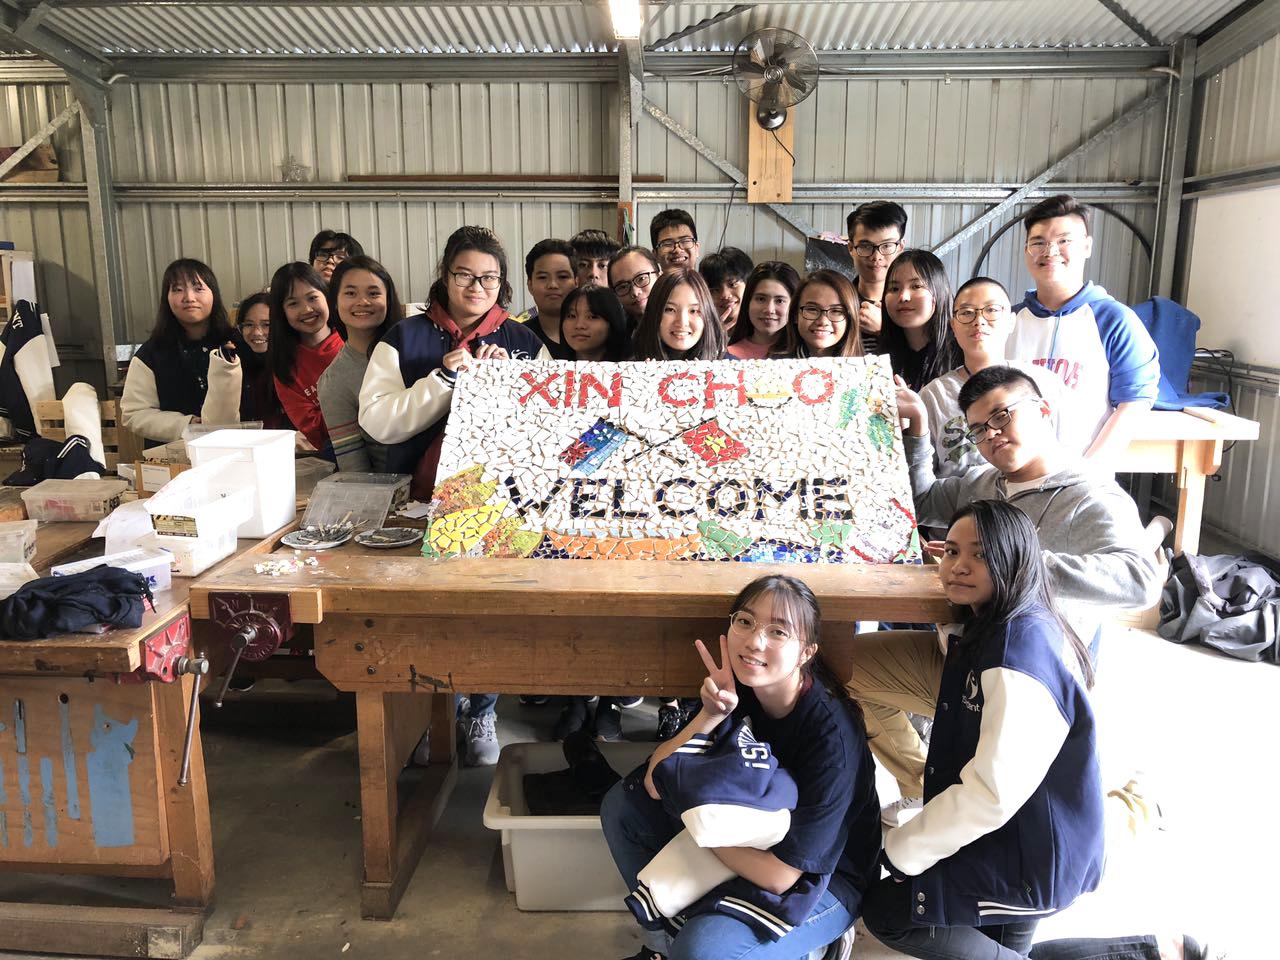 29 21 human50 istudent australia 1 AUSTRALIA - ĐIỂM ĐẾN LÝ TƯỞNG CỦA DU HỌC SINH VIỆT NAM